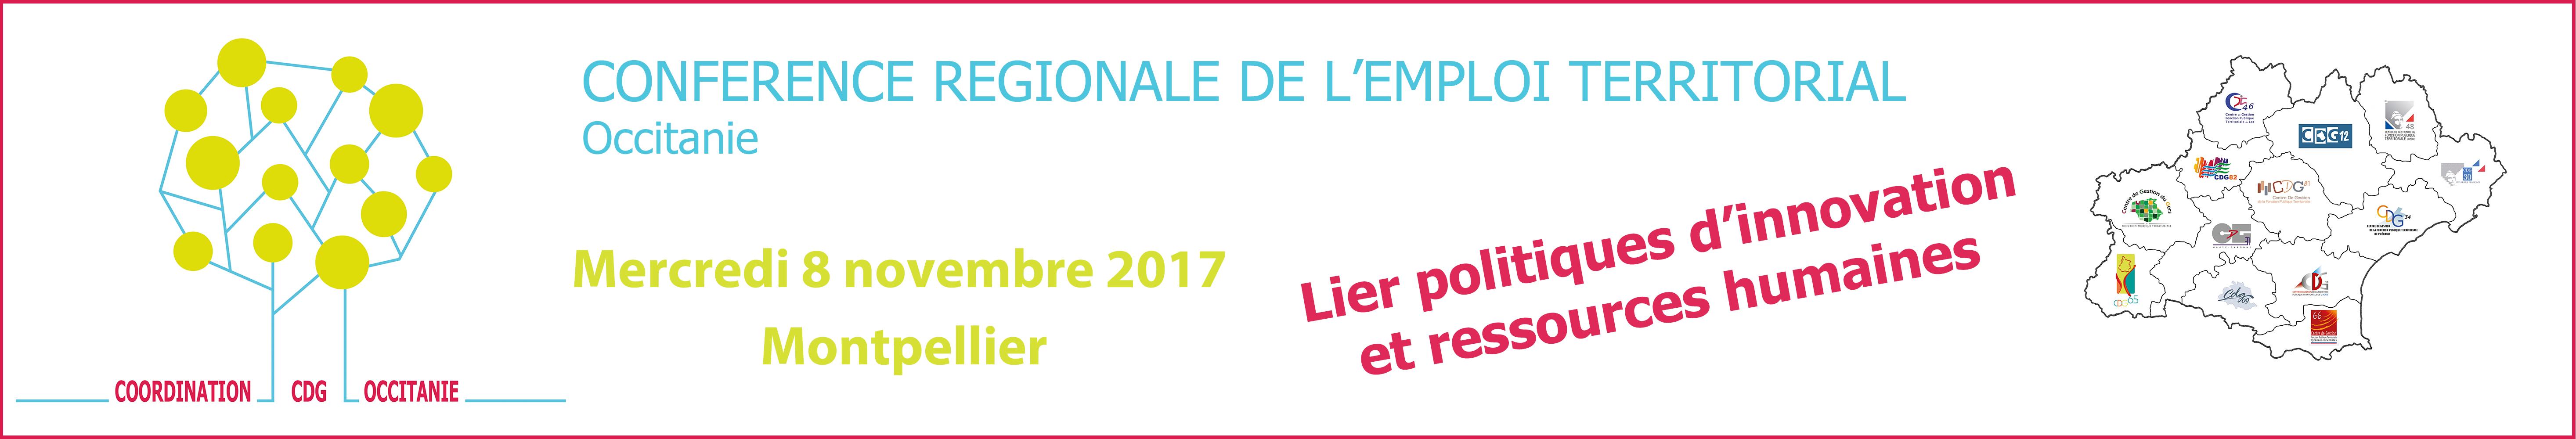 13495a0cf44 Conférence Régionale de l Emploi Territorial en Occitanie   à vos agendas !  Les Centres de Gestion de ...